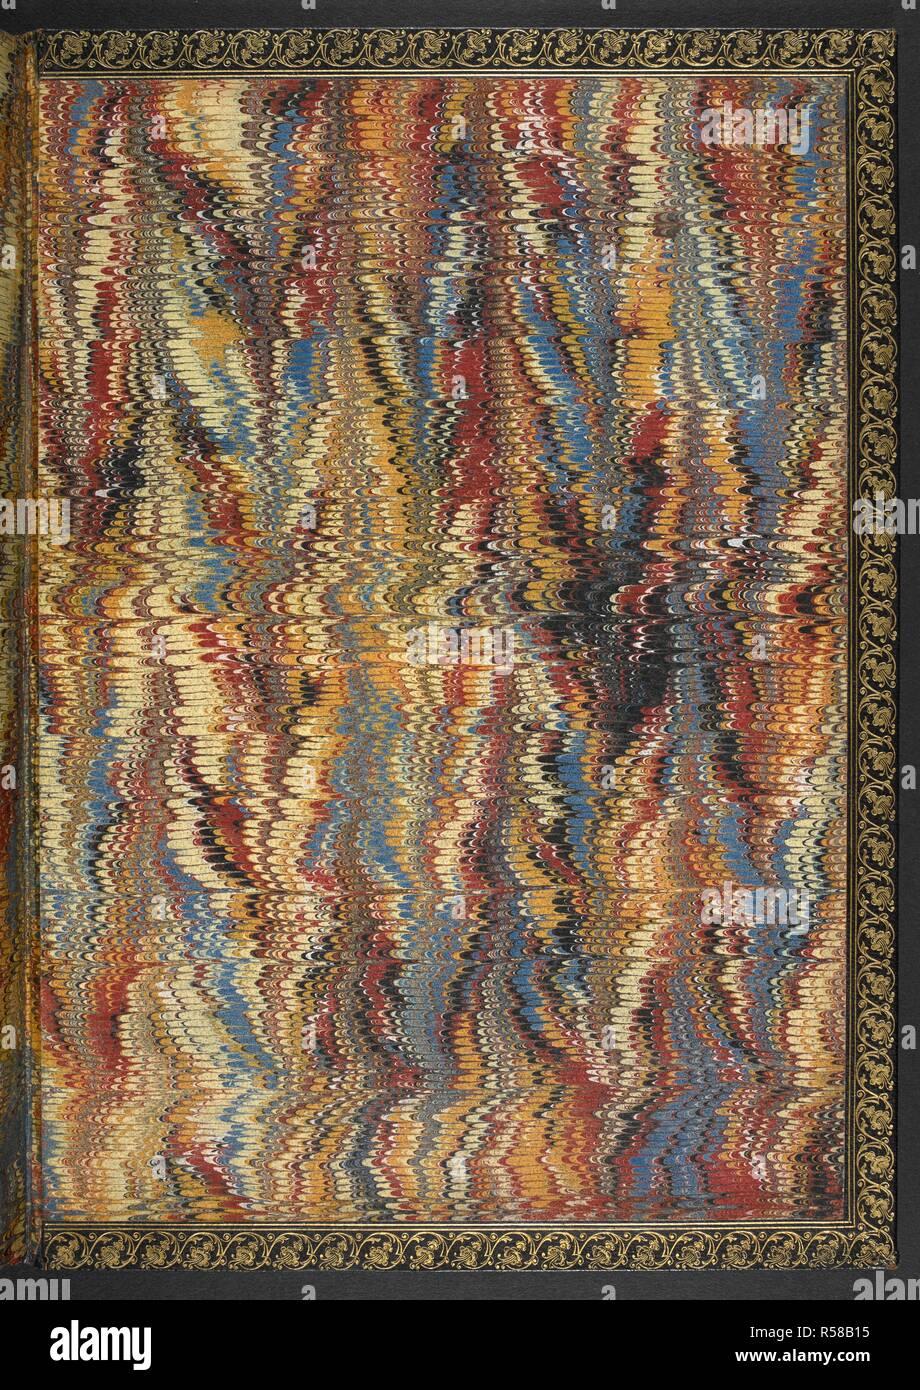 Coloured endpaper. Begin. Die sungen das salue das vor auf erden nie gehort was vnd vnser fraw herauss aufain seyten, die ander wider ein, wehet die krancken mit dem erml' die woden gesundt ... crv. regenspurck : lienhart, [1465?]. Source: IB.1. - Stock Image